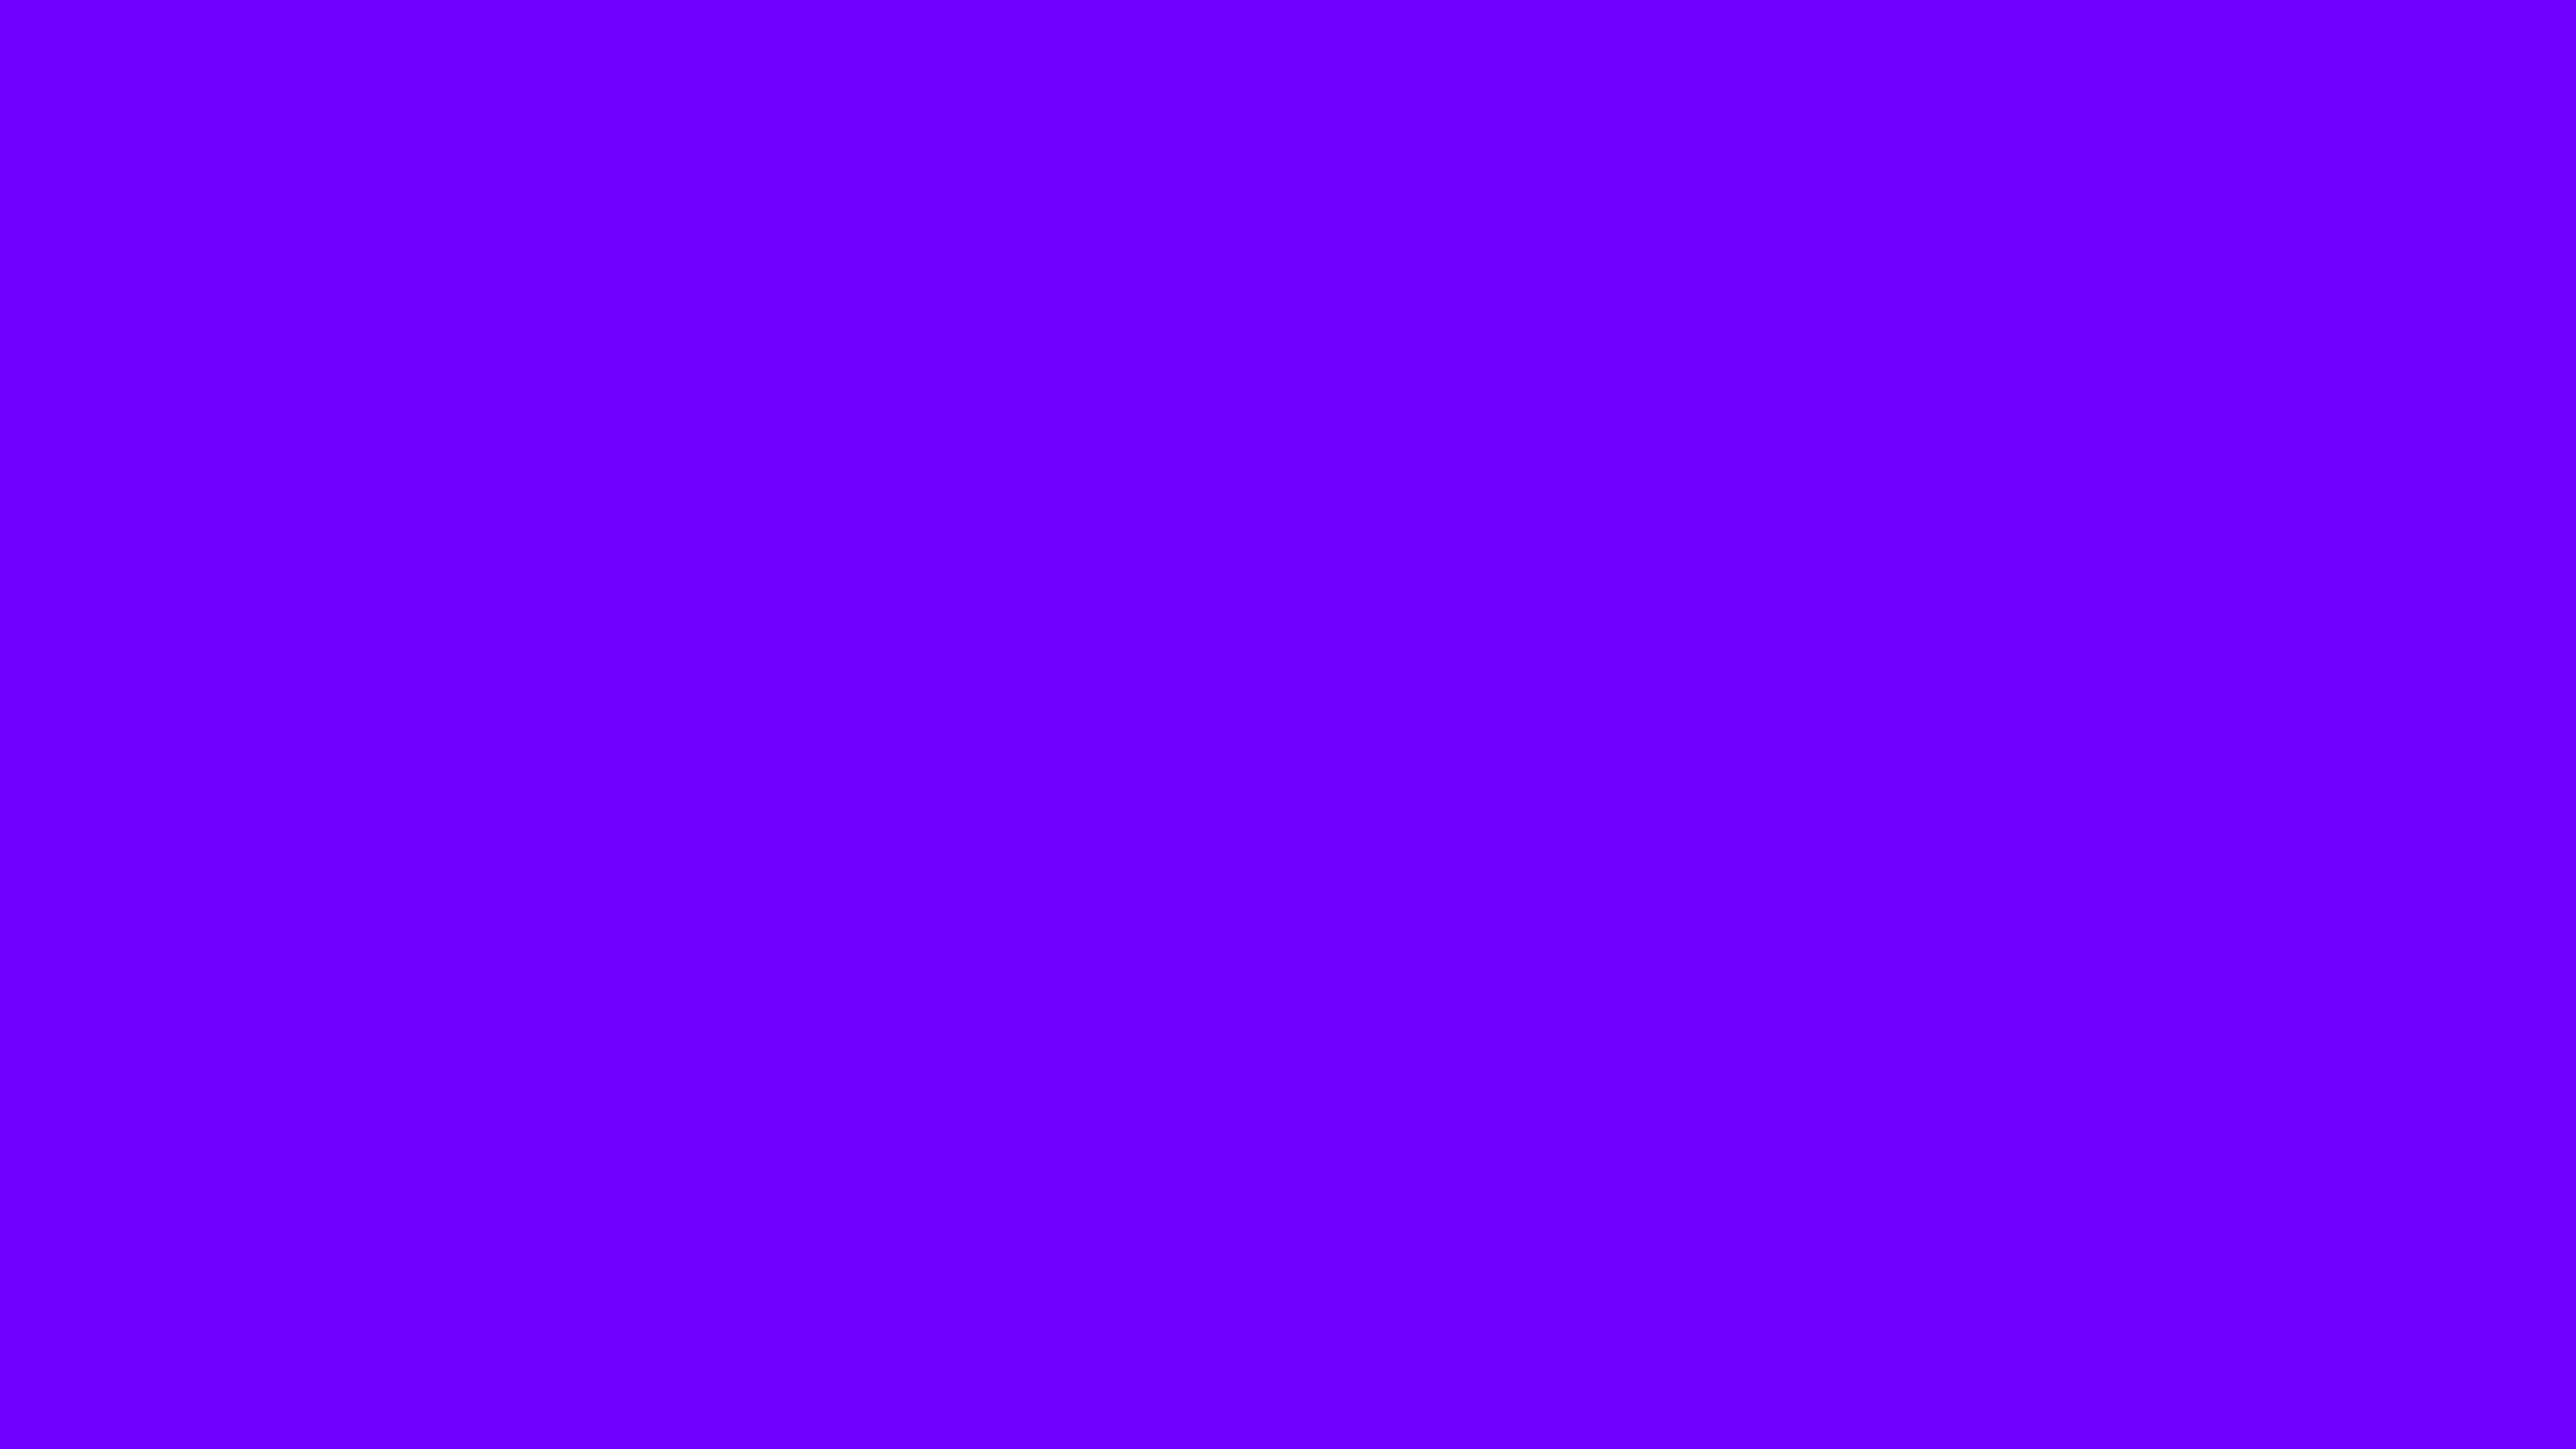 7680x4320 Indigo Solid Color Background